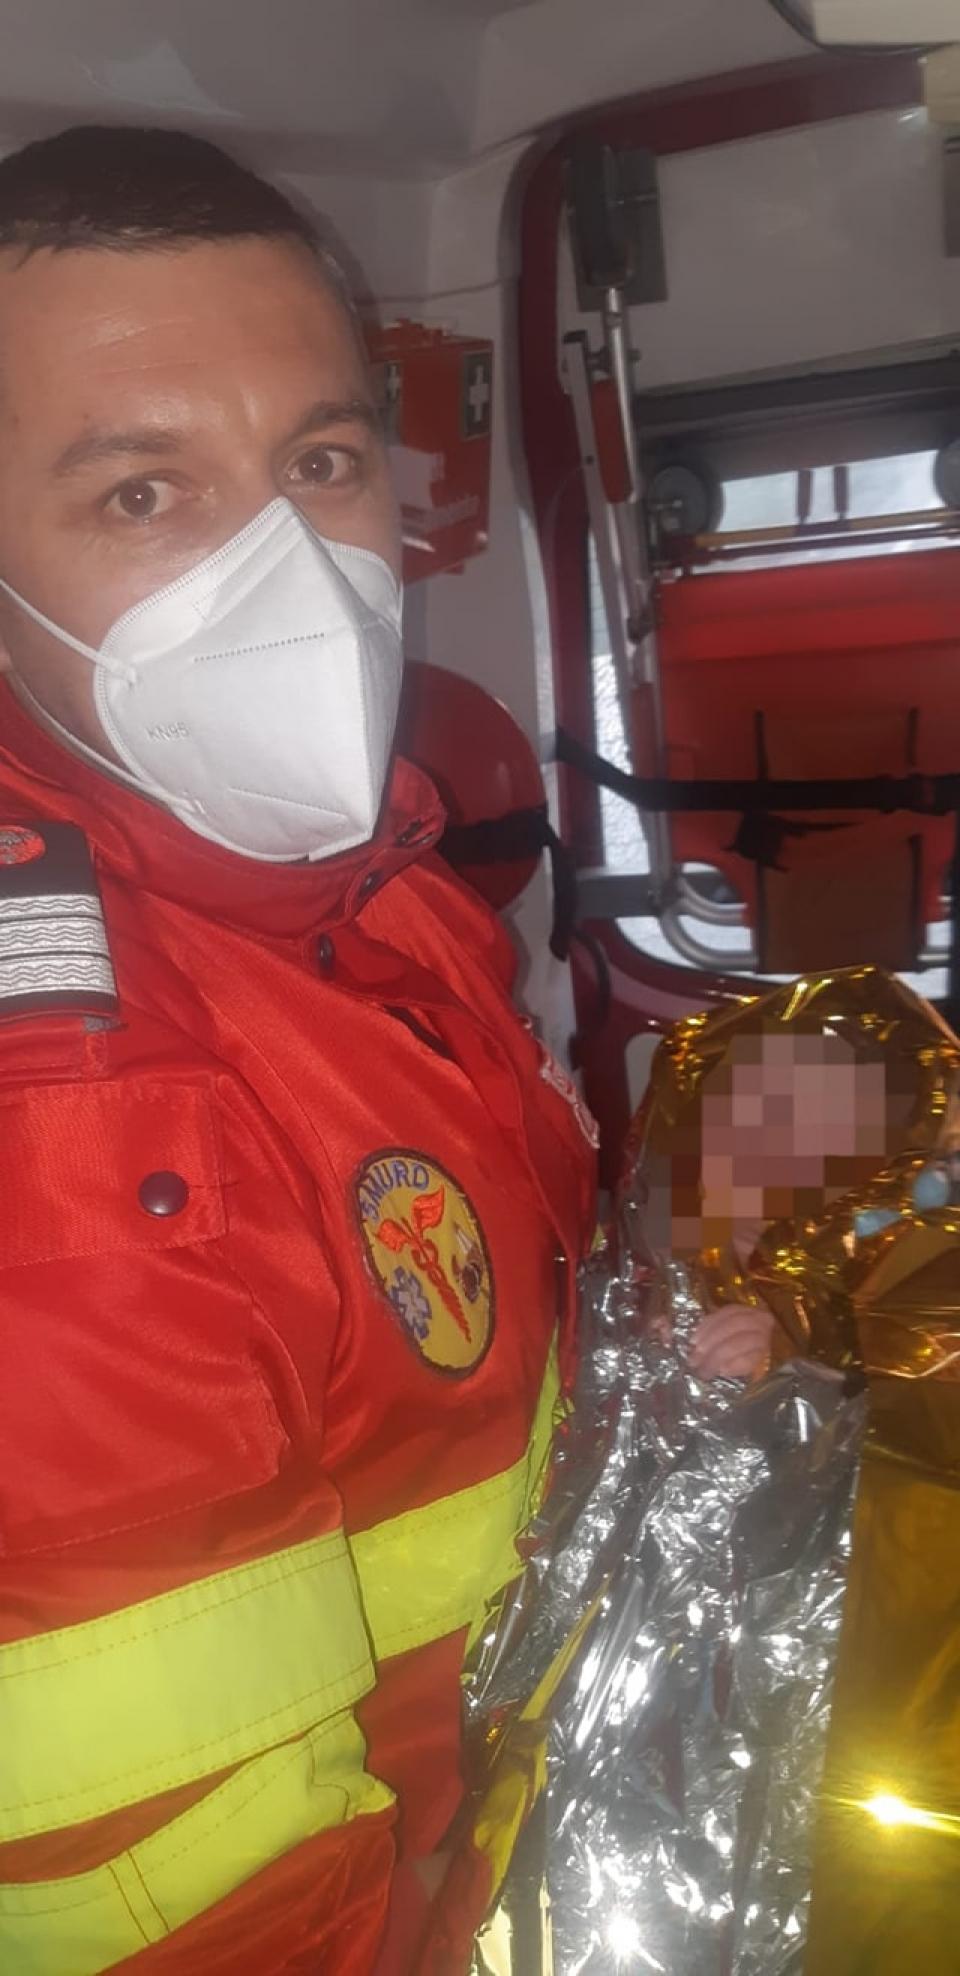 Trei paramedici au adus pe lume o fetiță   FOTO: Facebook ISU Arad